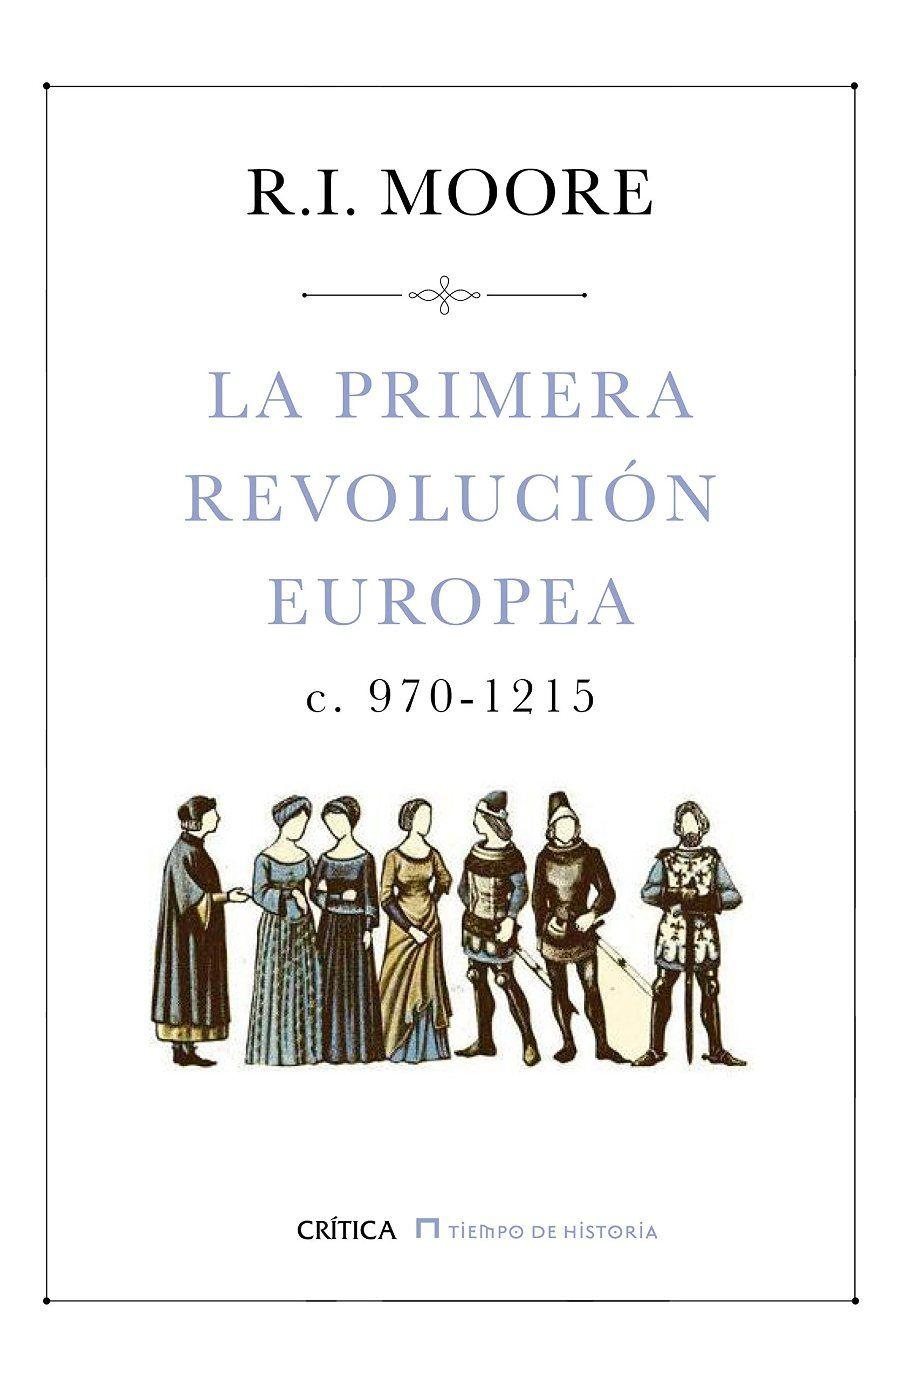 La primera revolución europea (c. 970-1215) Book Cover